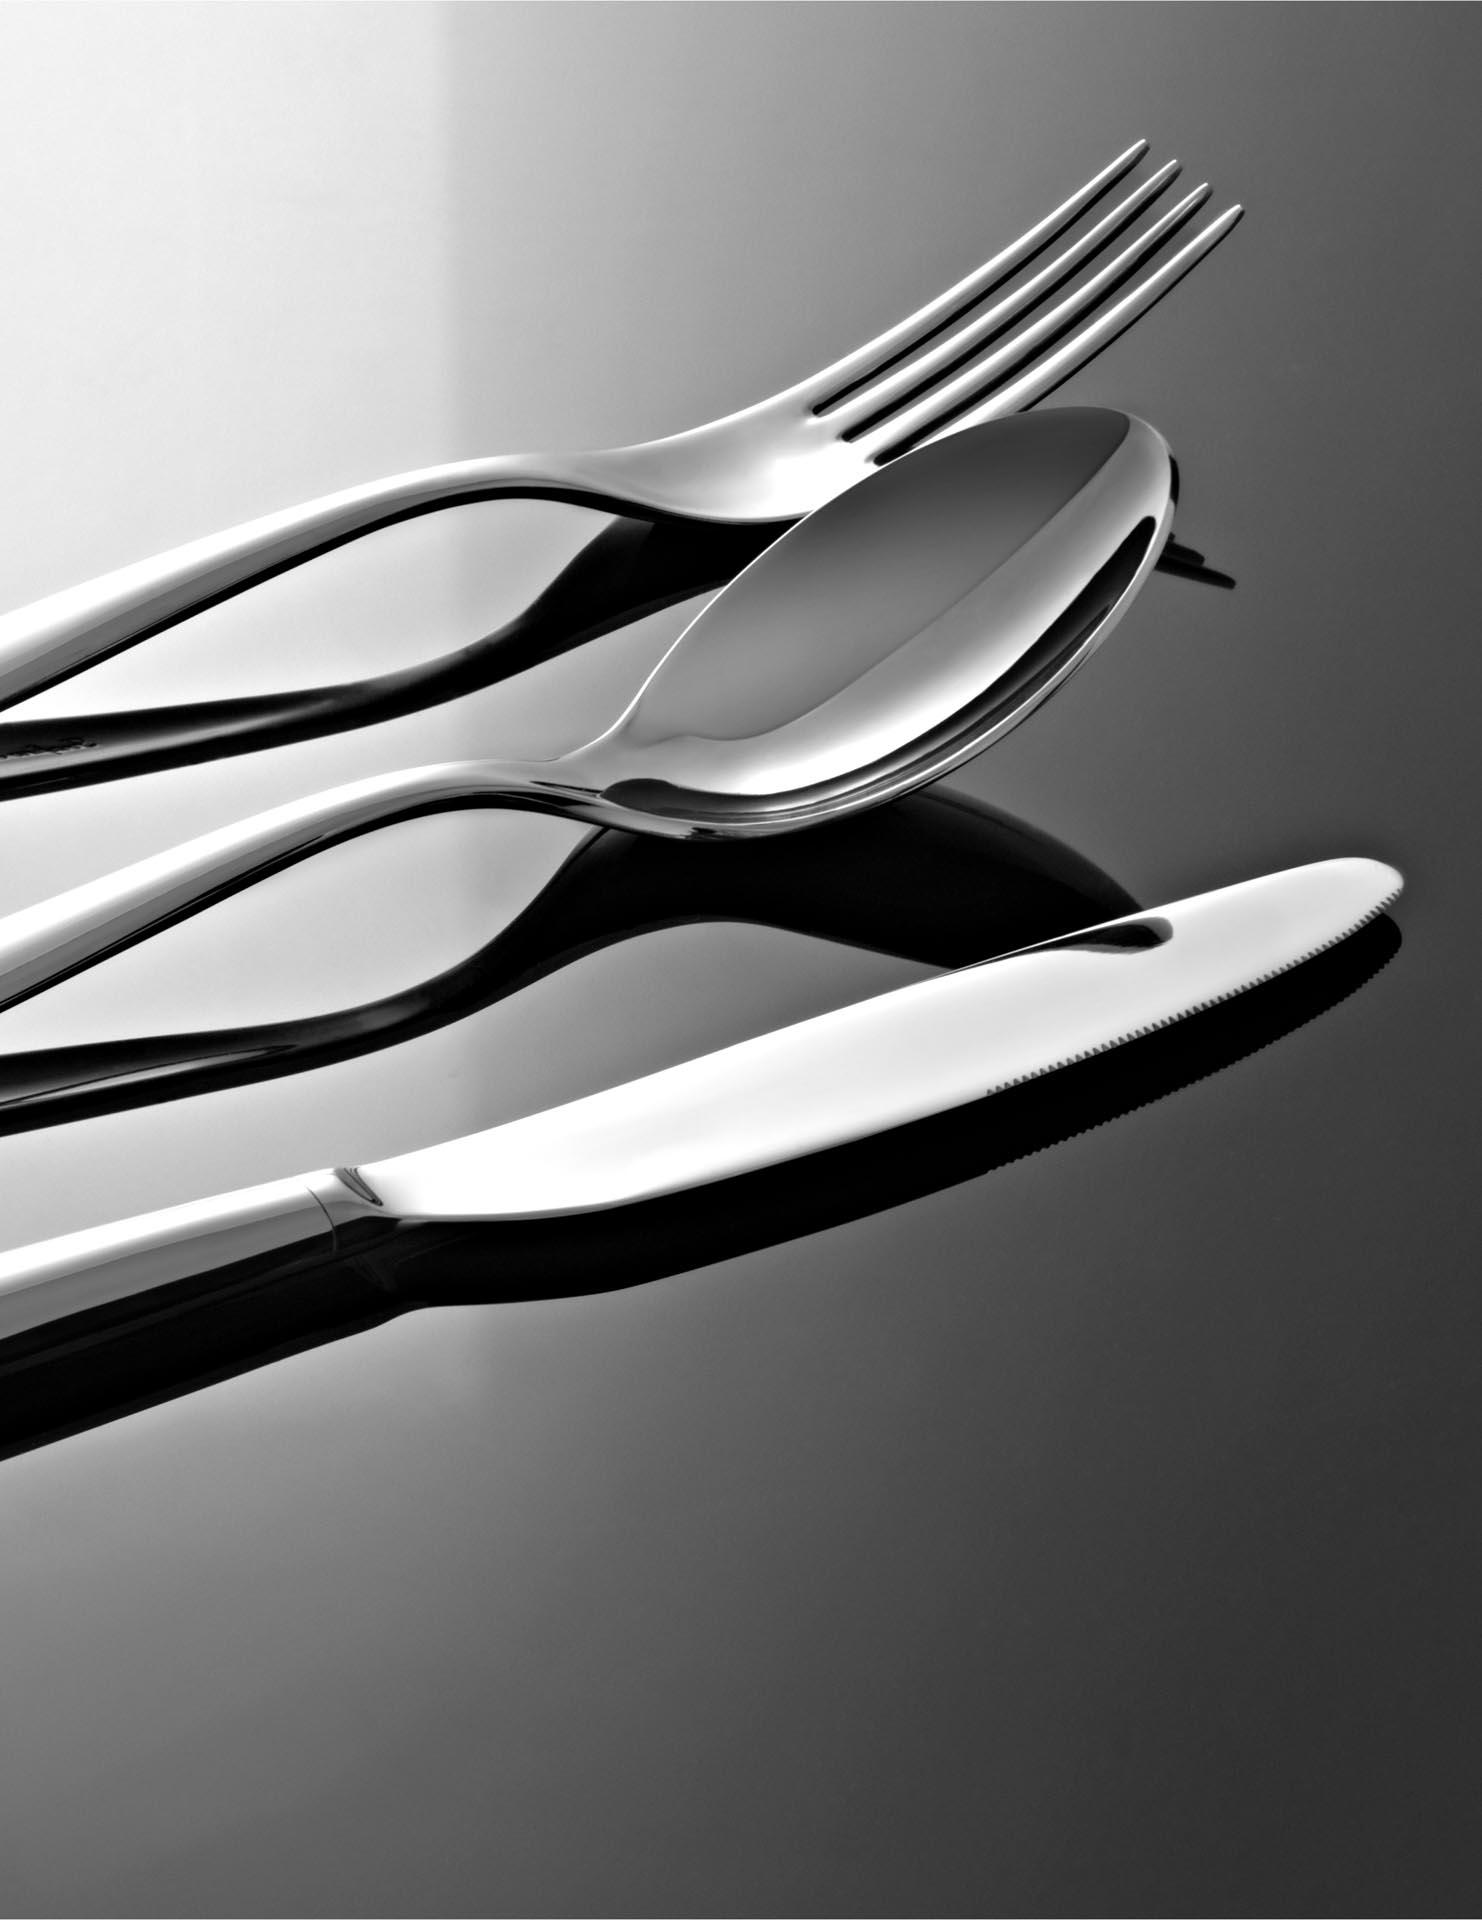 Elizabeth_Serafino Zani_Mario Trimarchi Design_Santi Caleca